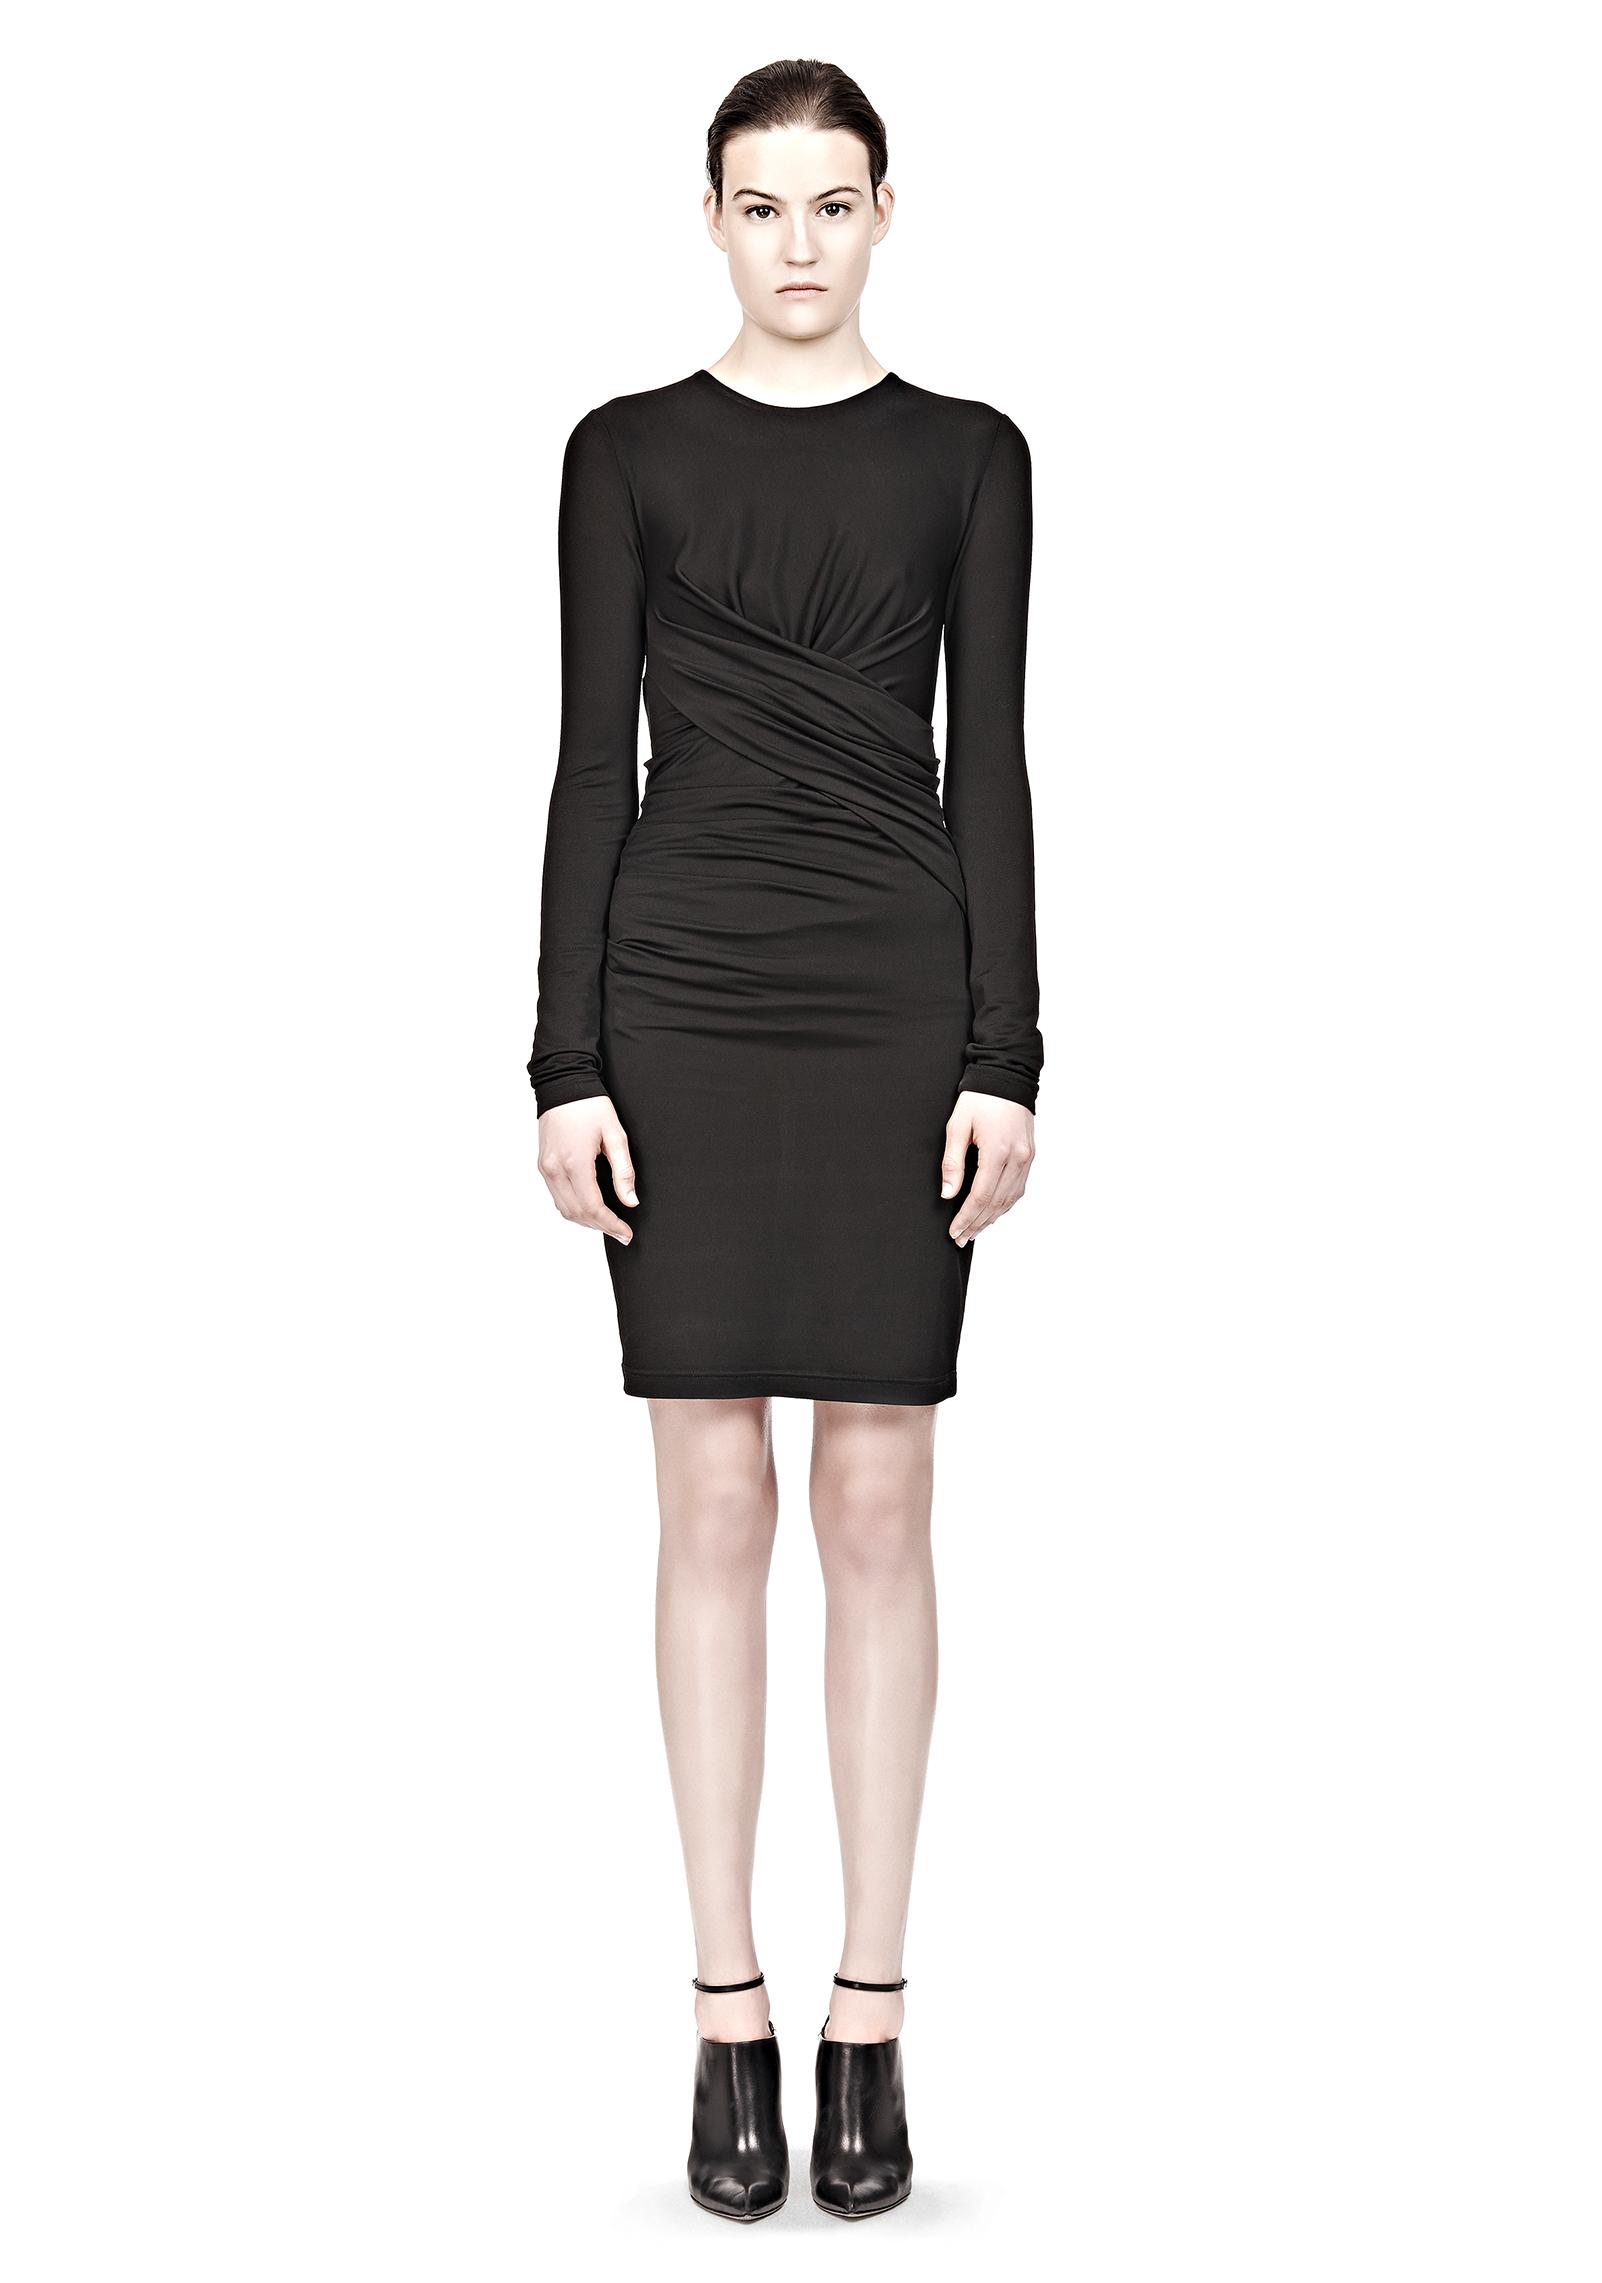 a24285d2099 Alexander Wang Pique Mesh Long Sleeve Twist Dress in Black - Lyst